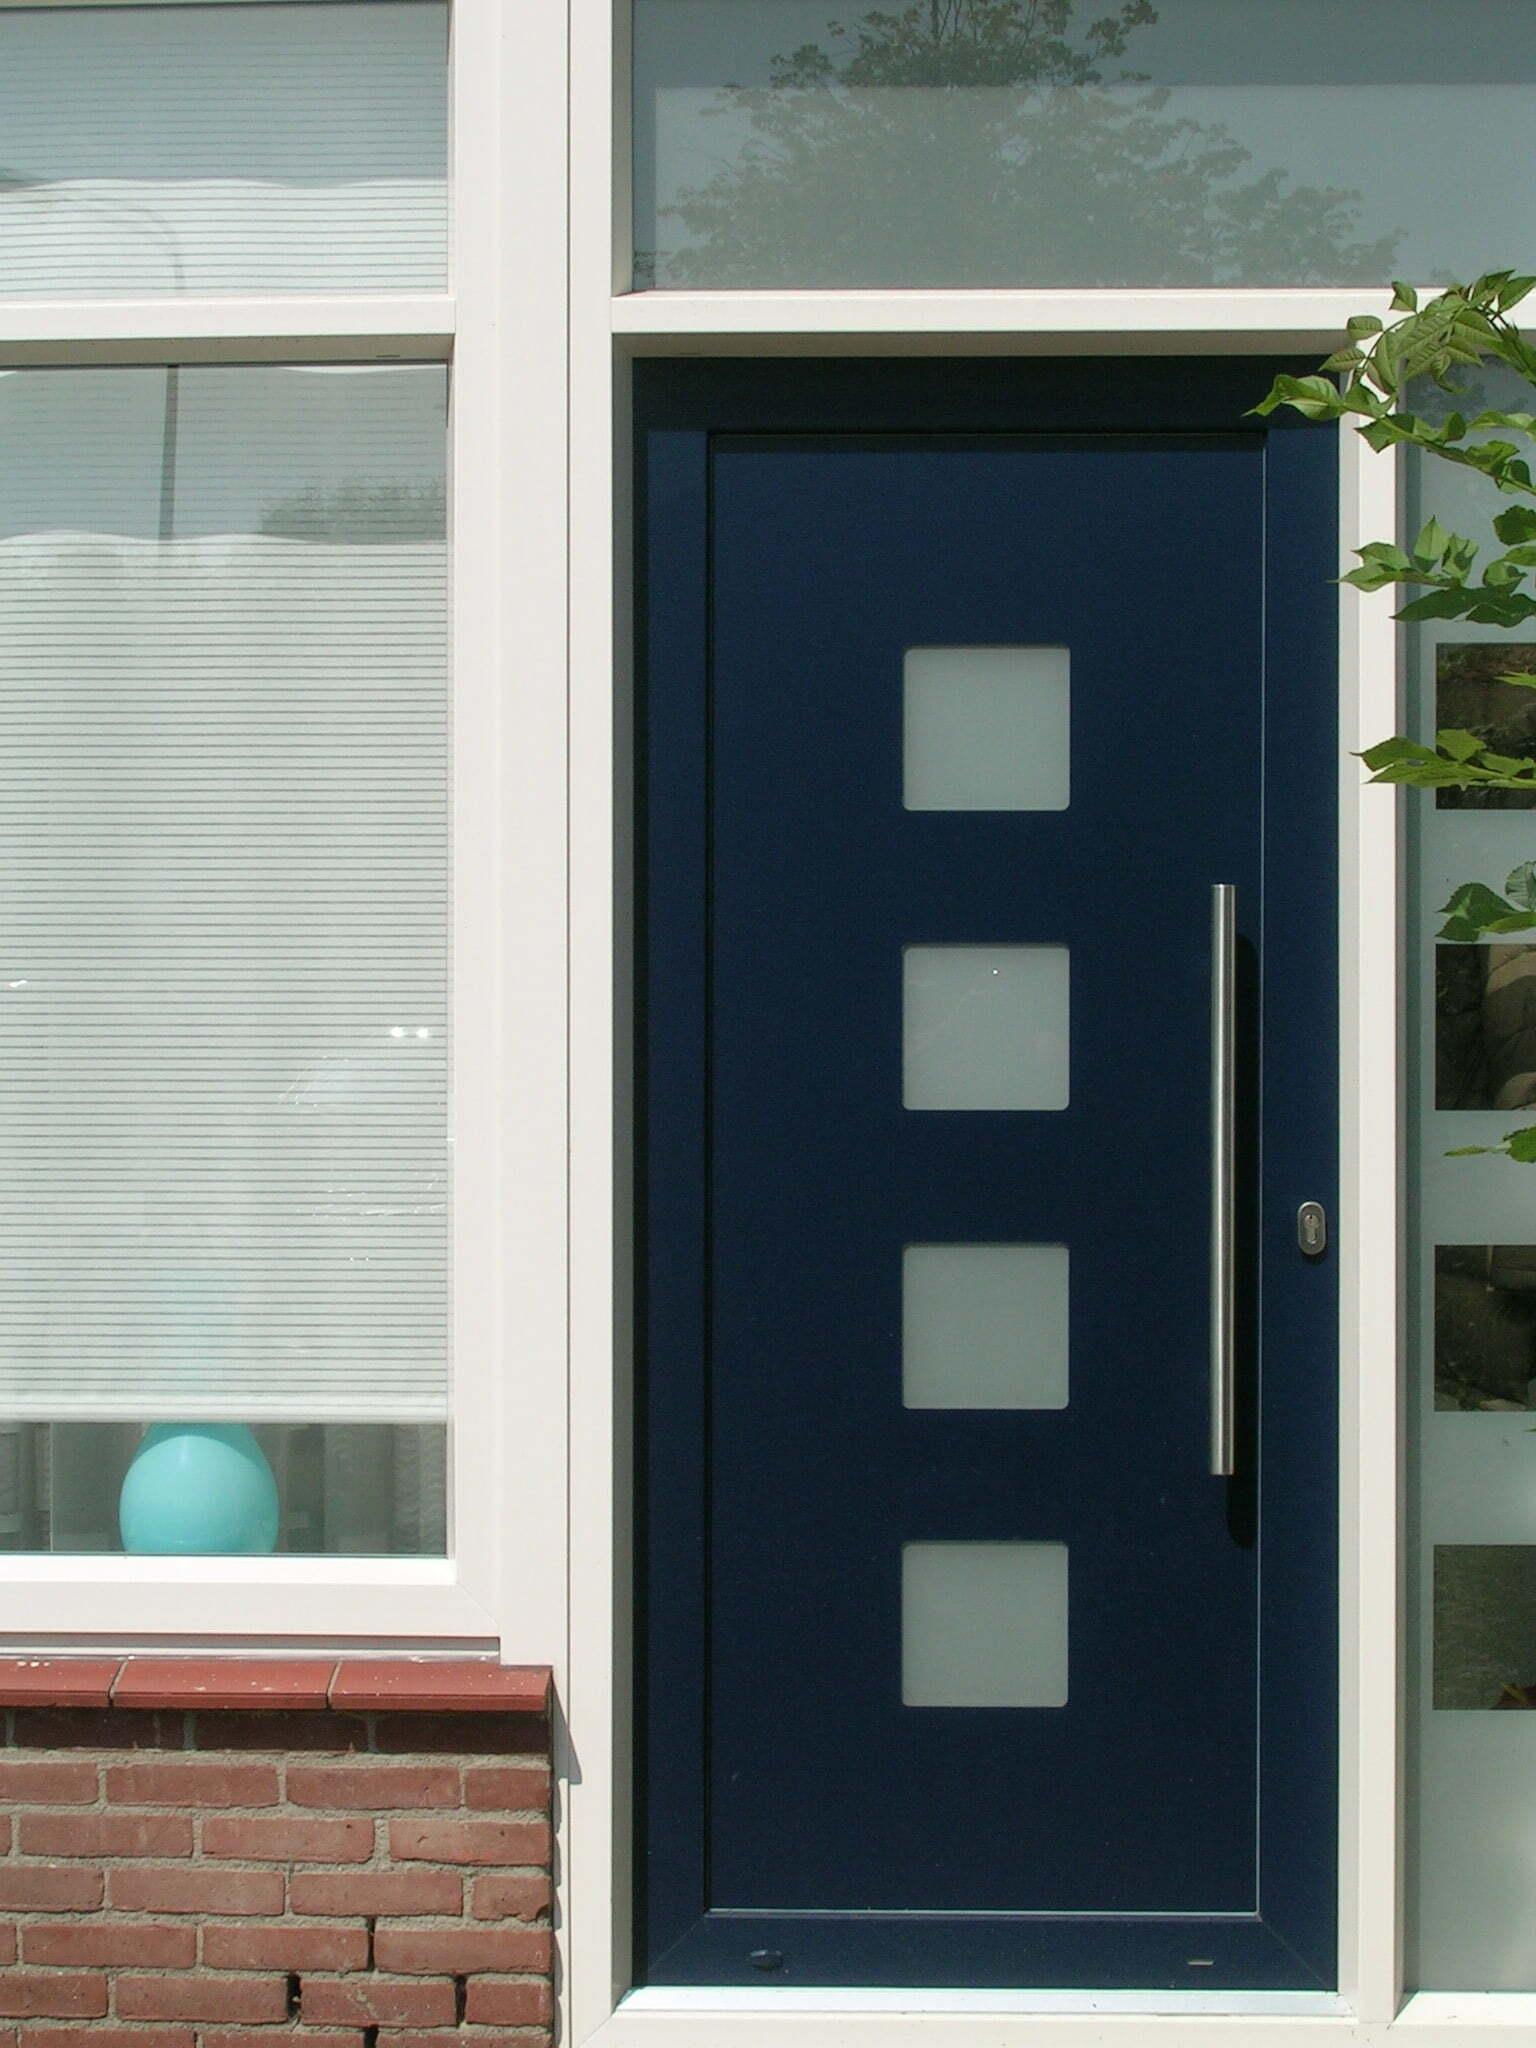 Aazet kunststof voordeur